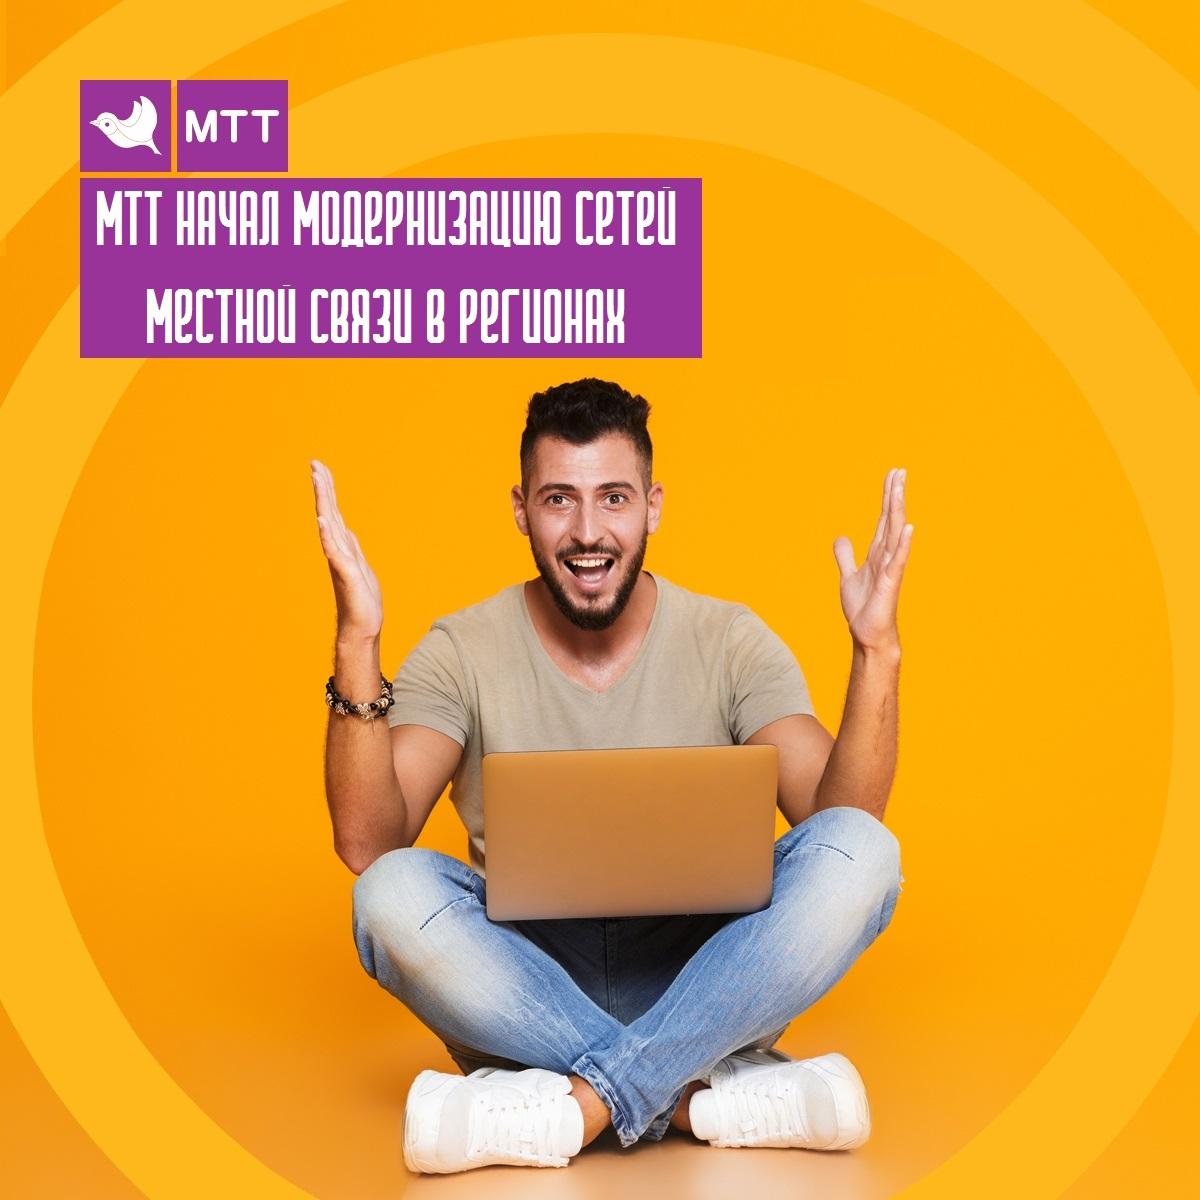 МТТ начал модернизацию сетей местной связи в регионах 1